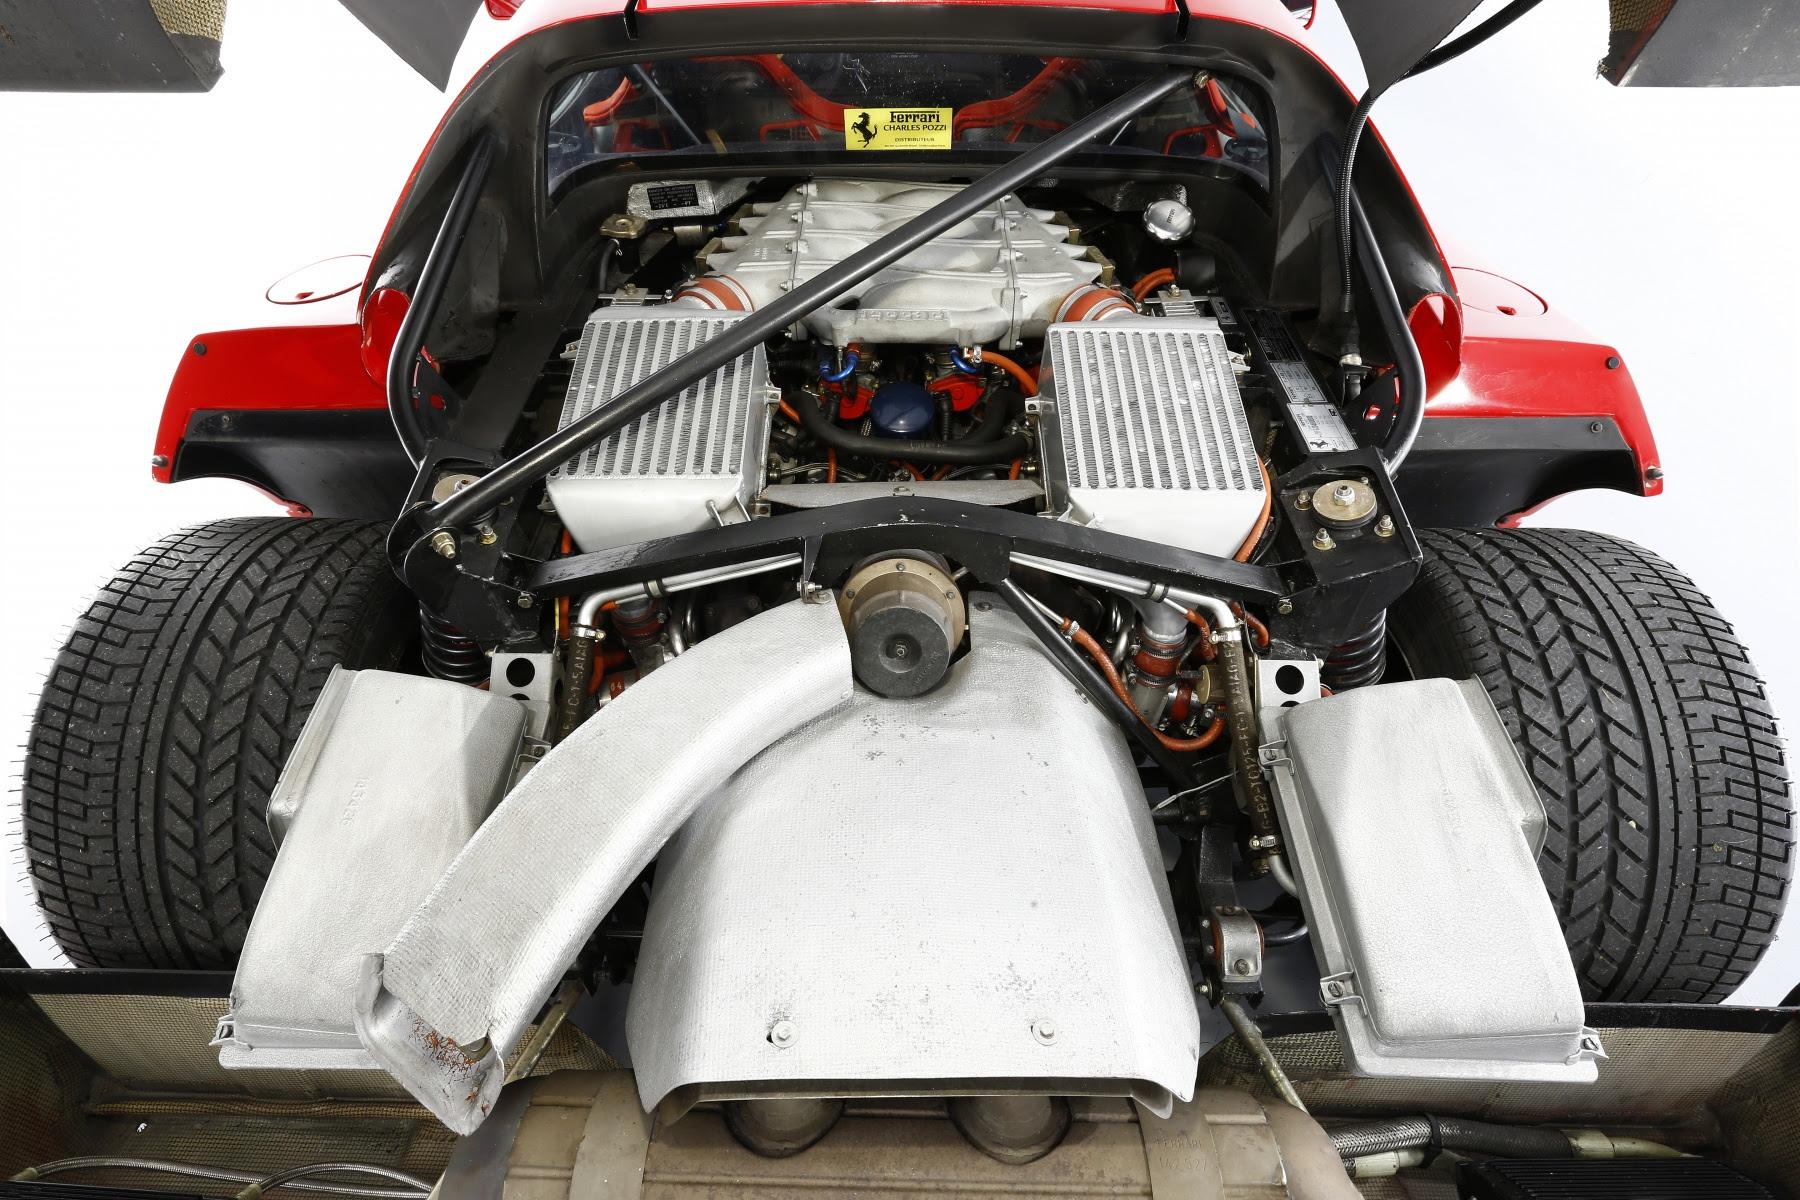 Ferrari F40 ex Pierluigi Martini (5)